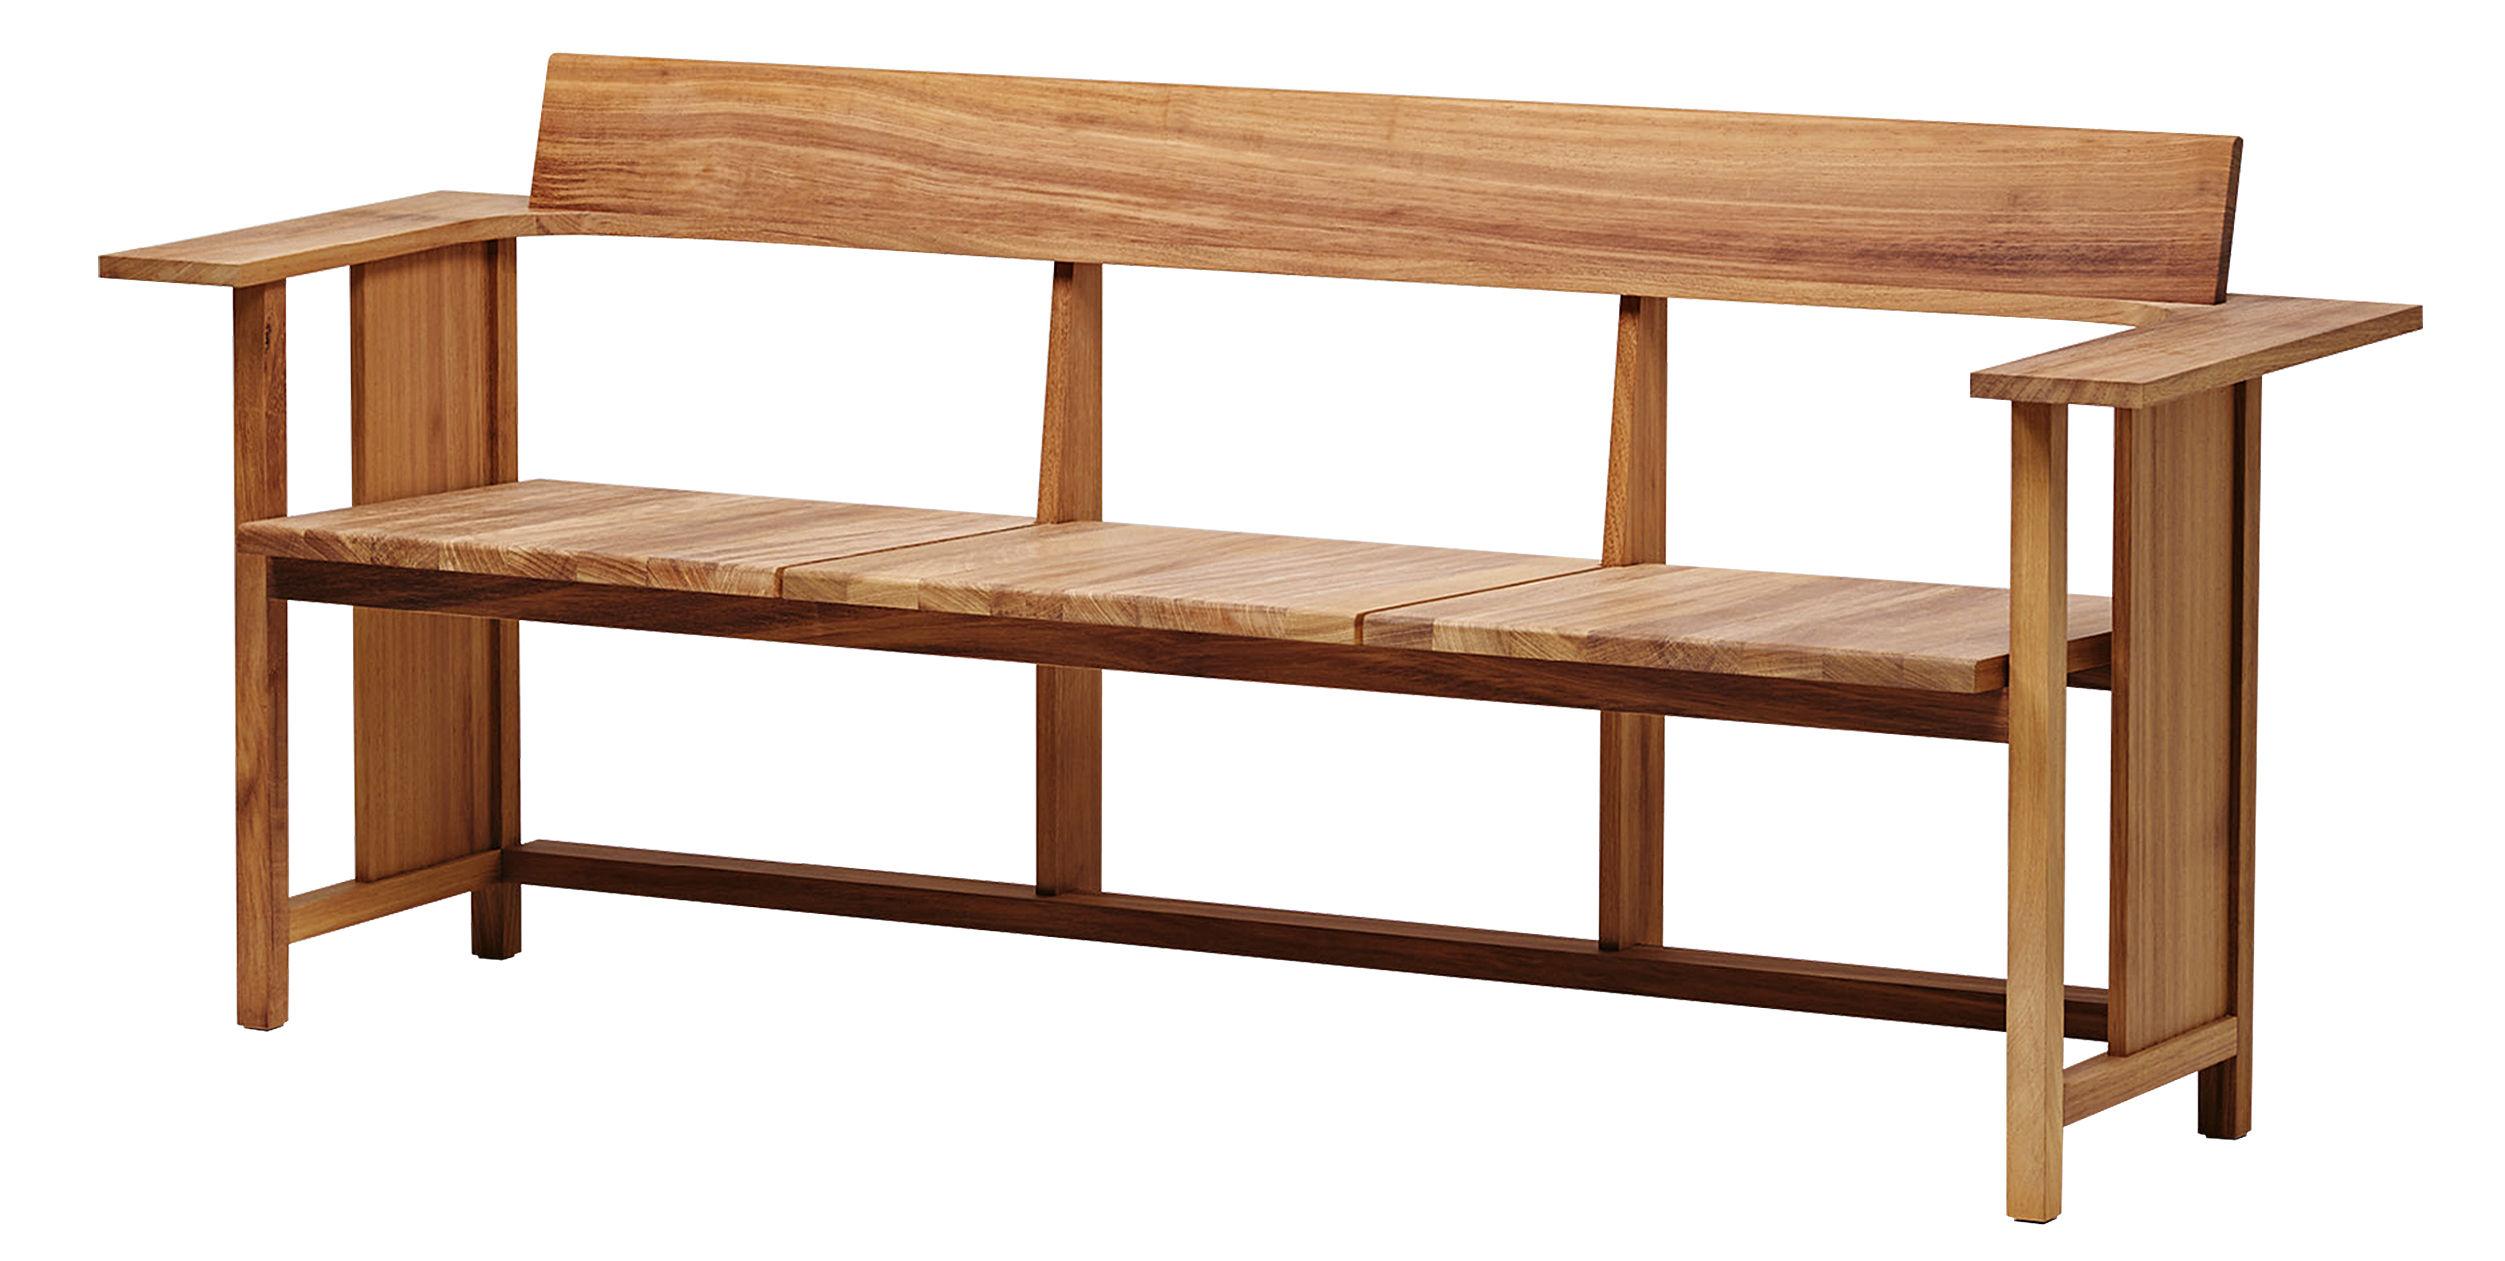 Banc avec dossier clerici outdoor 3 places l 196 cm assise droite bois d 39 iroko mattiazzi - Banc de cuisine avec dossier ...